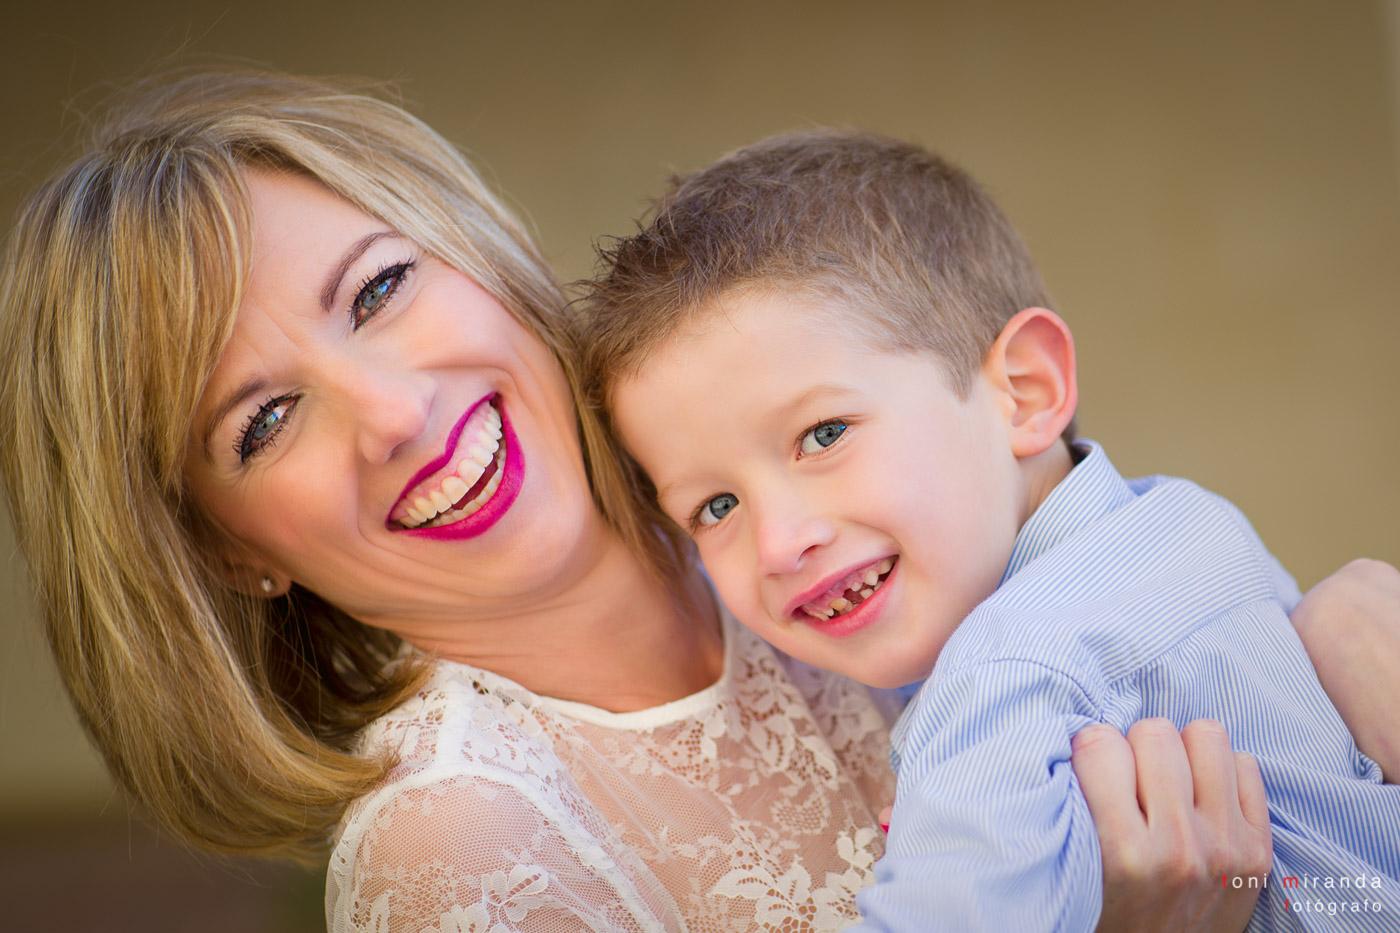 retrato madre e hijo sonriendo en alcoy en alicante